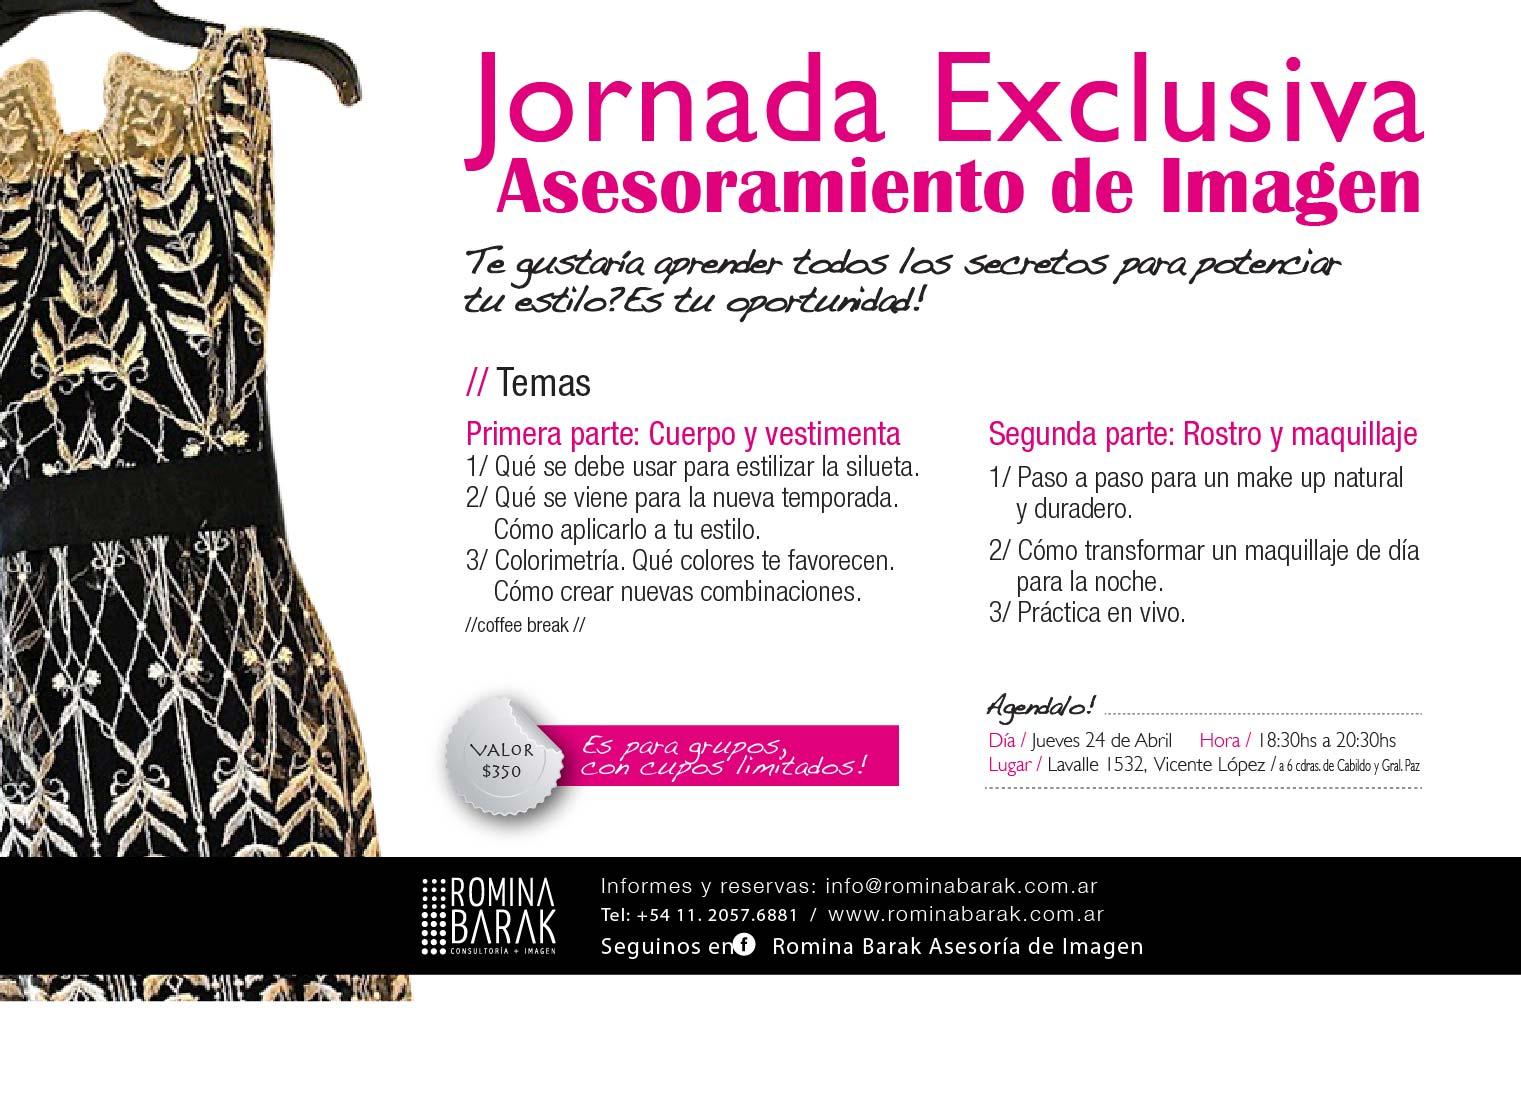 Flyer Jornada Exclusiva - Marzo 2014